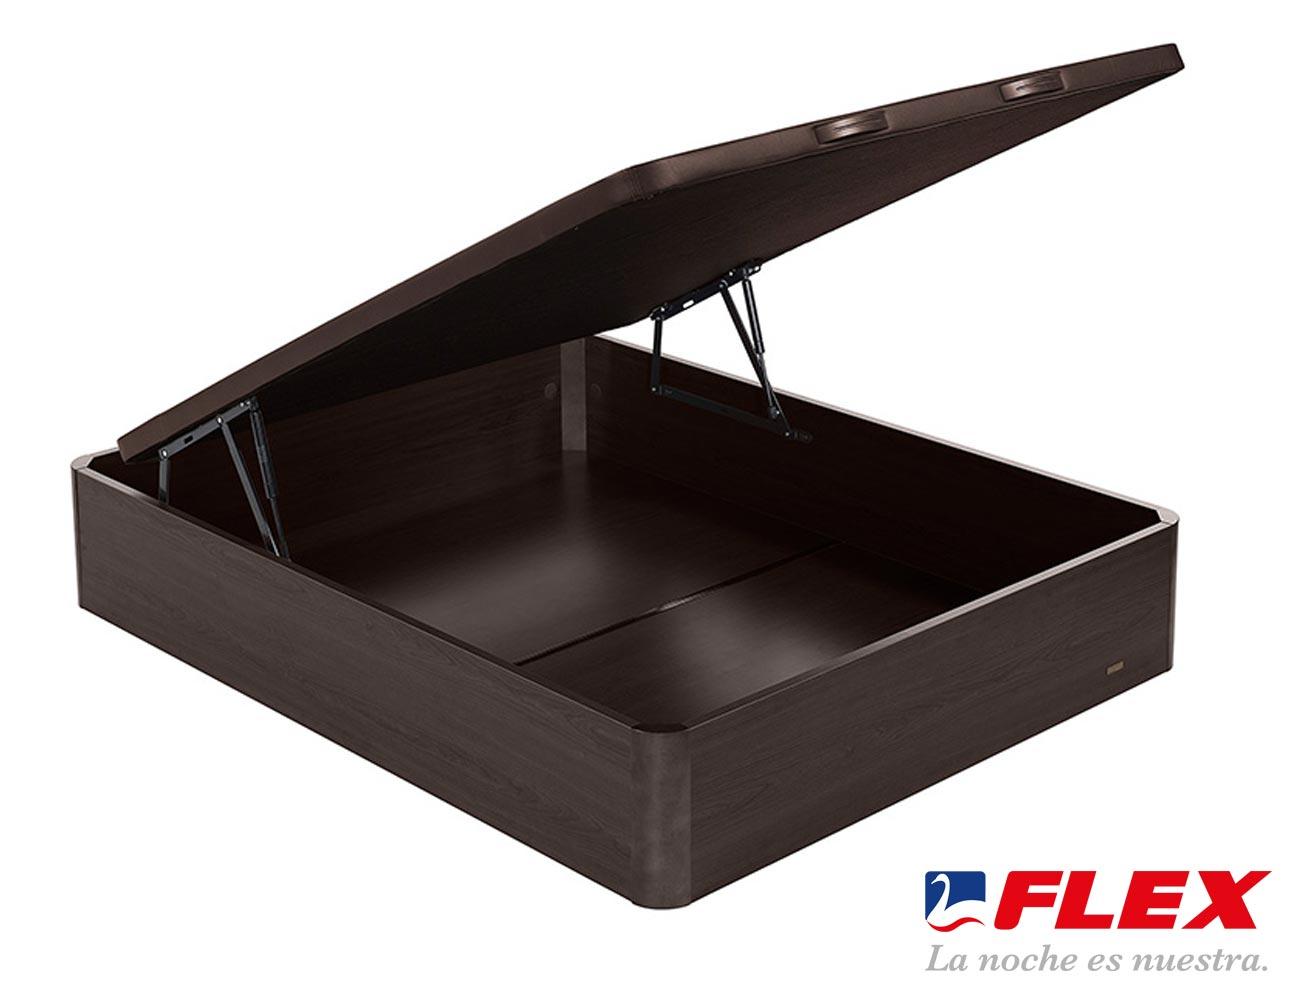 Canape flex madera abatible tapa3d wengue1